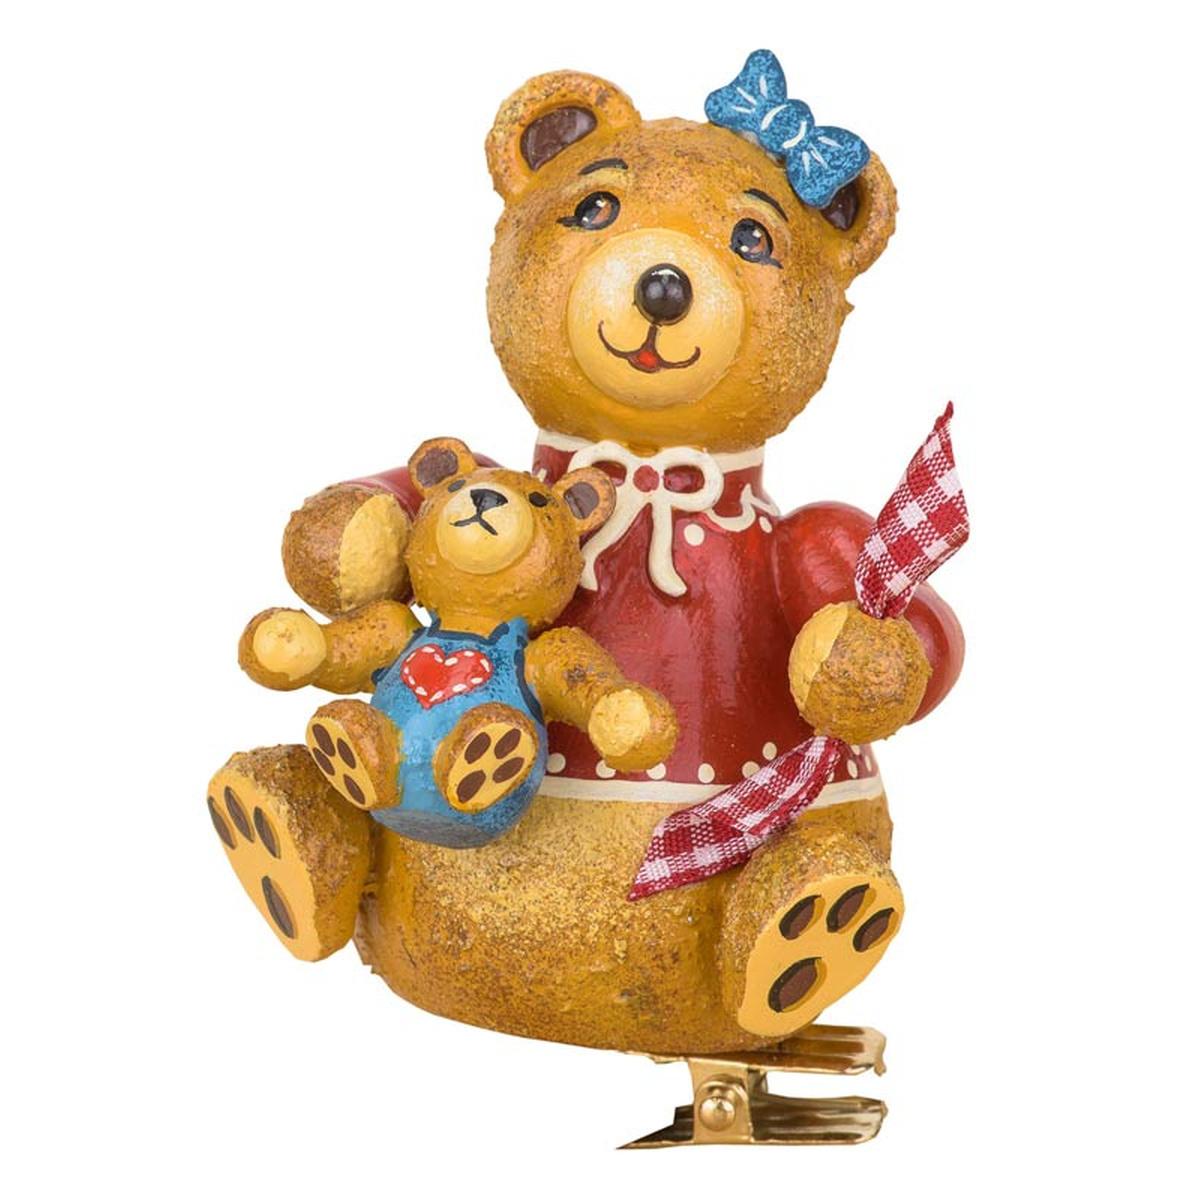 Baumbehang baumclipser teddy anni 39 s ollib r von hubrig - Weihnachtsdeko figuren ...